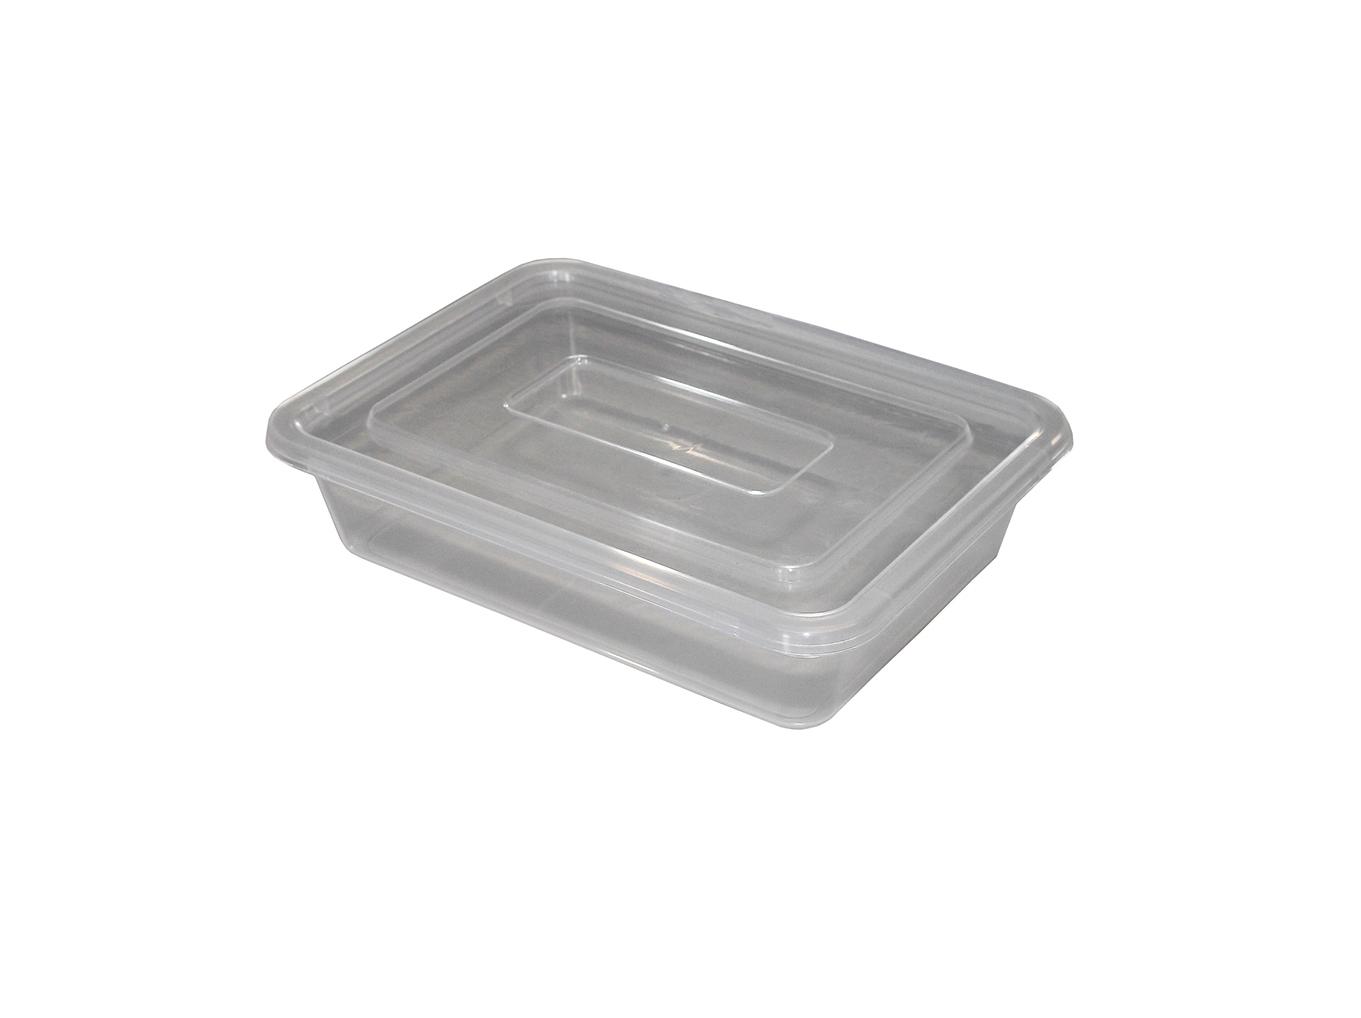 Лоток прозрачный для пищевых продуктов 1,7л. с крышкой. Милих